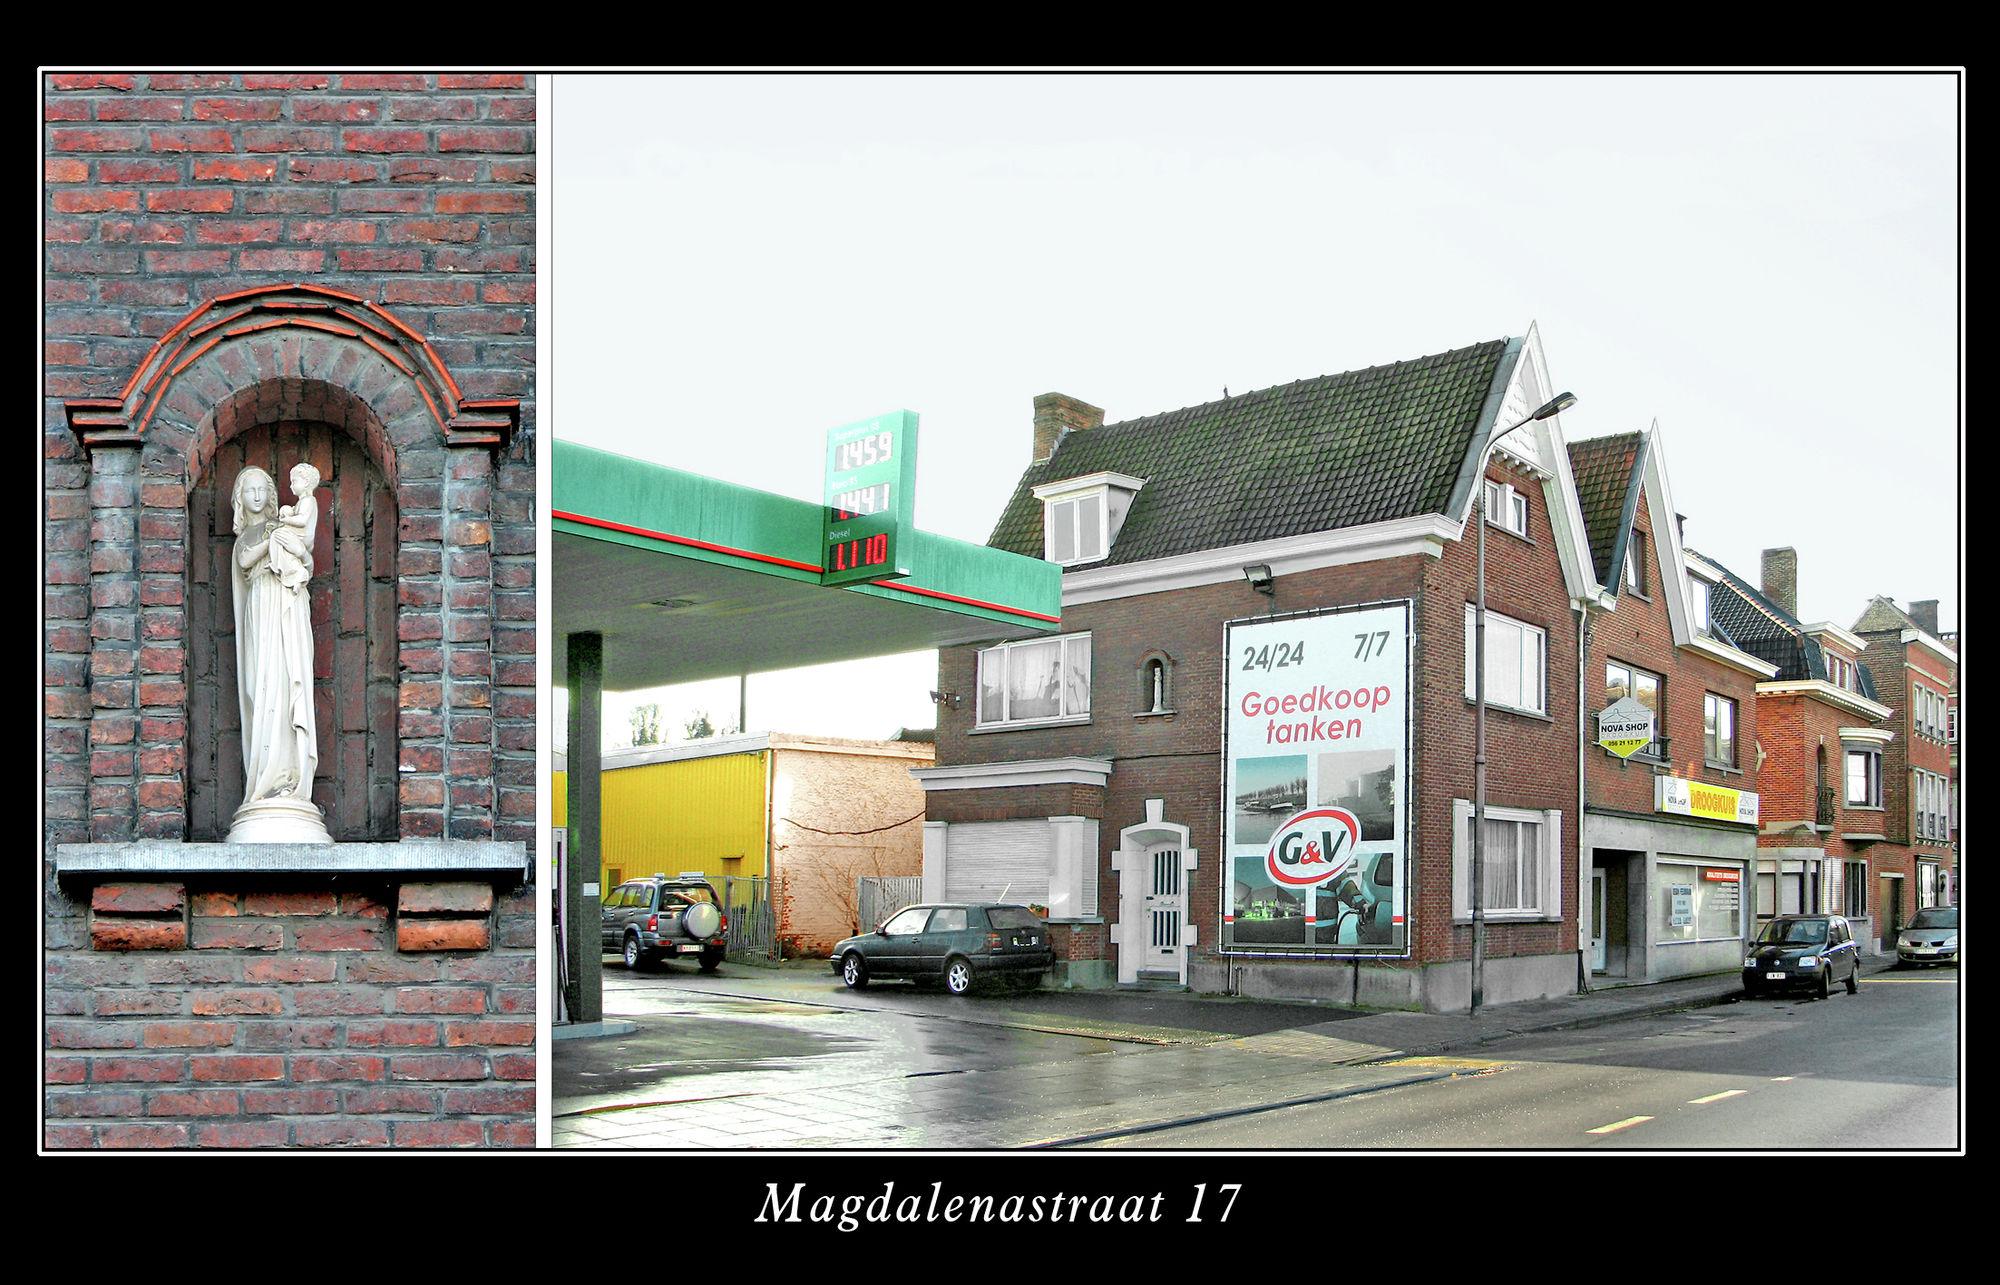 Muurkapel Magdalenastraat